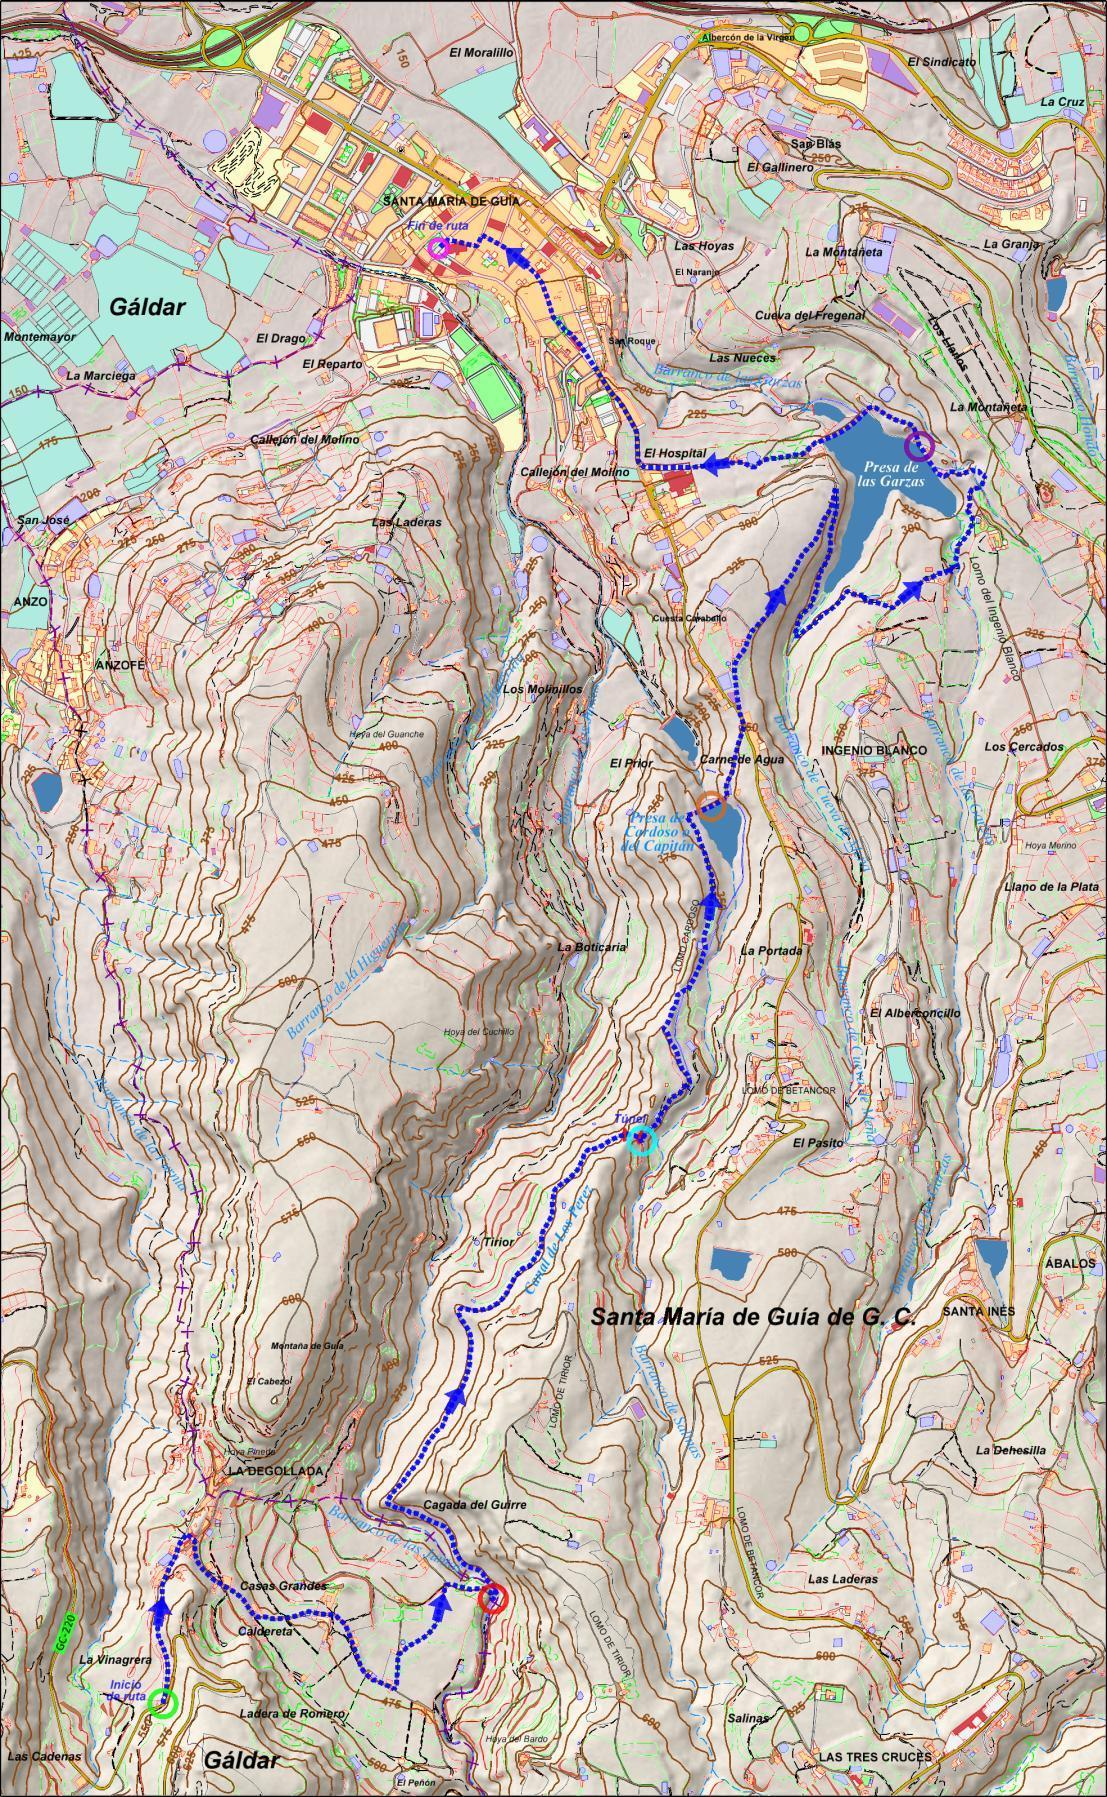 Mapa de la ruta presas de Guía